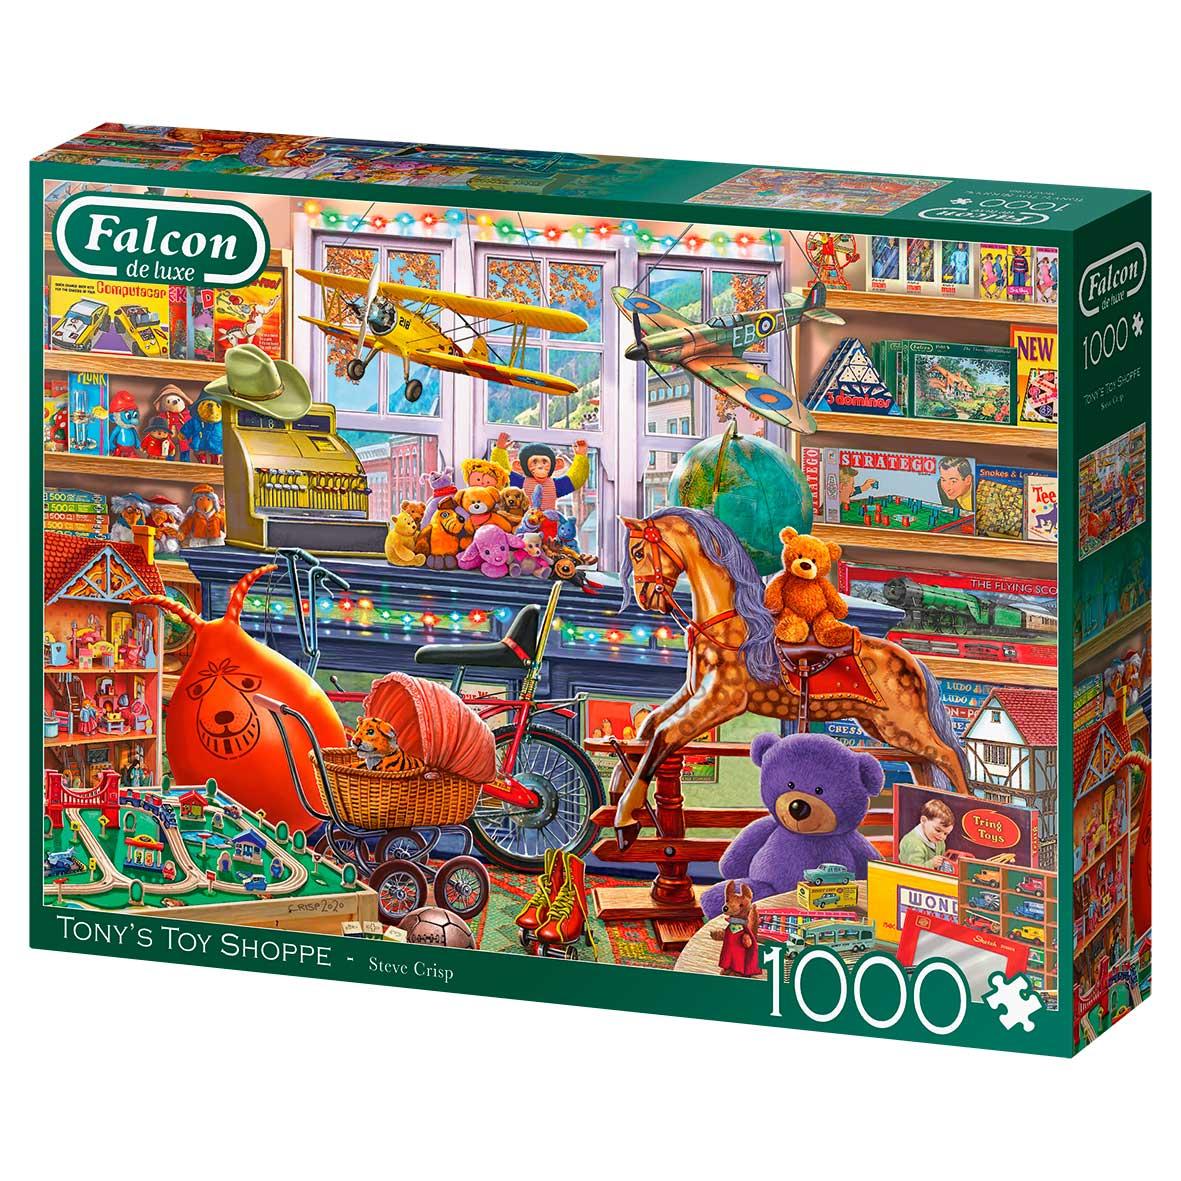 Puzzle Falcon La Tienda de Juguetes de Tony de 1000 Piezas